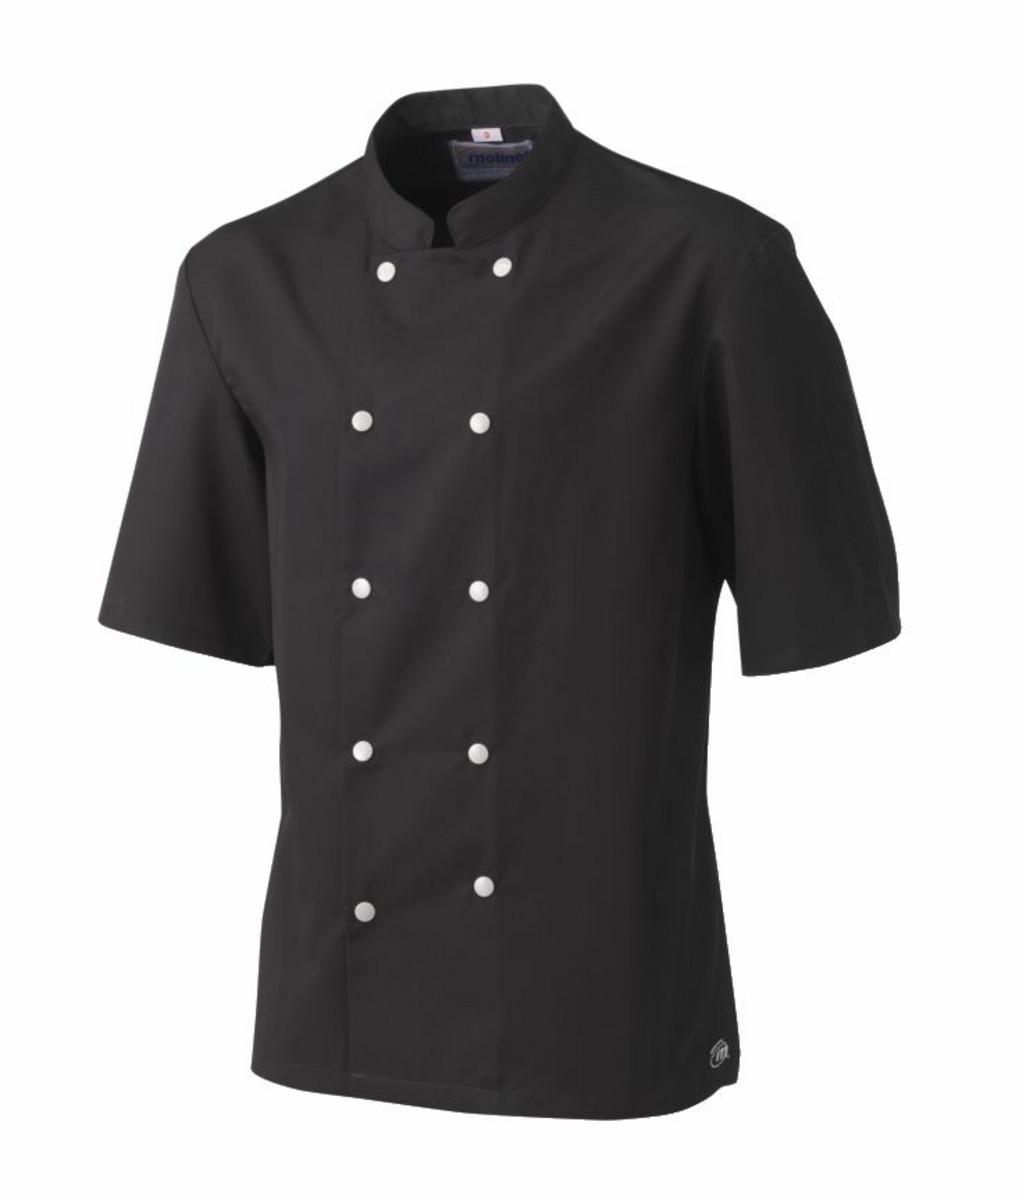 Veste de cuisine homme manche courte noire taille 2 Blake Molinel